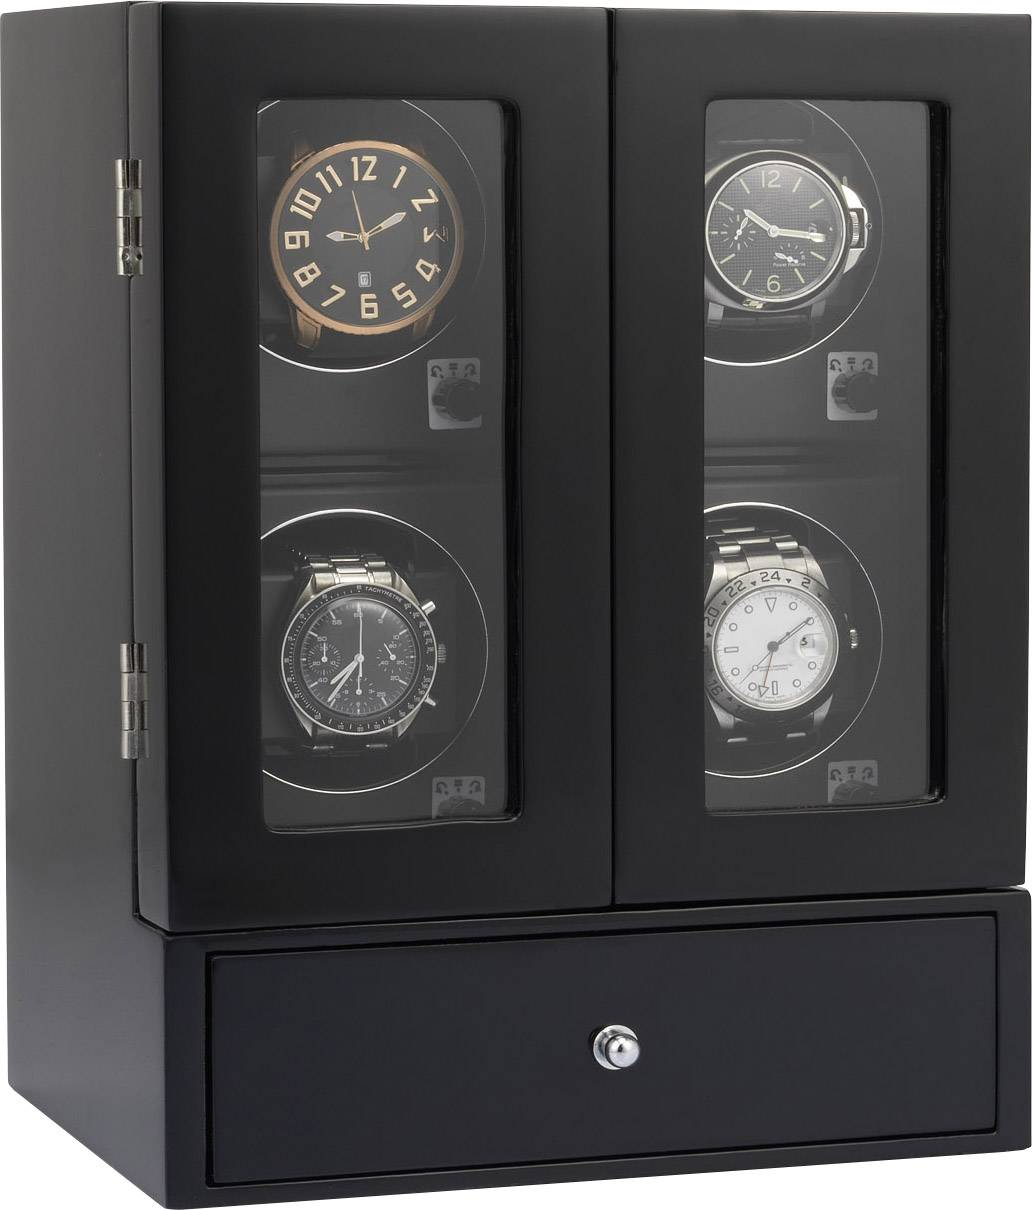 Stojan na hodinky s naťahovačom Eurochron ECUB072 9013c1a vhodný na štvoro hodiniek